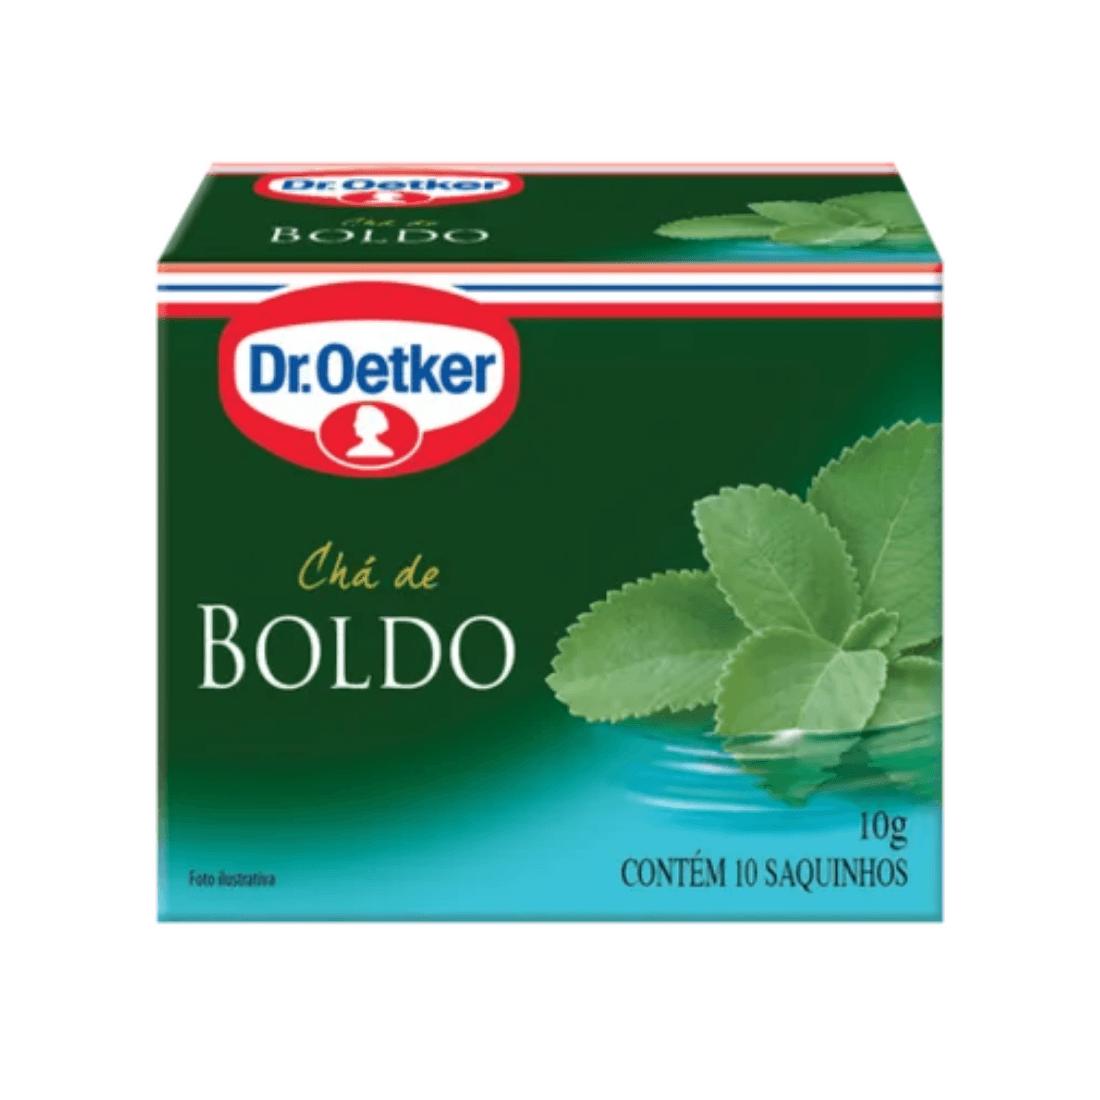 CHÁ BOLDO DR OETKER SACHÊ 10G CAIXA 15 UNIDADES